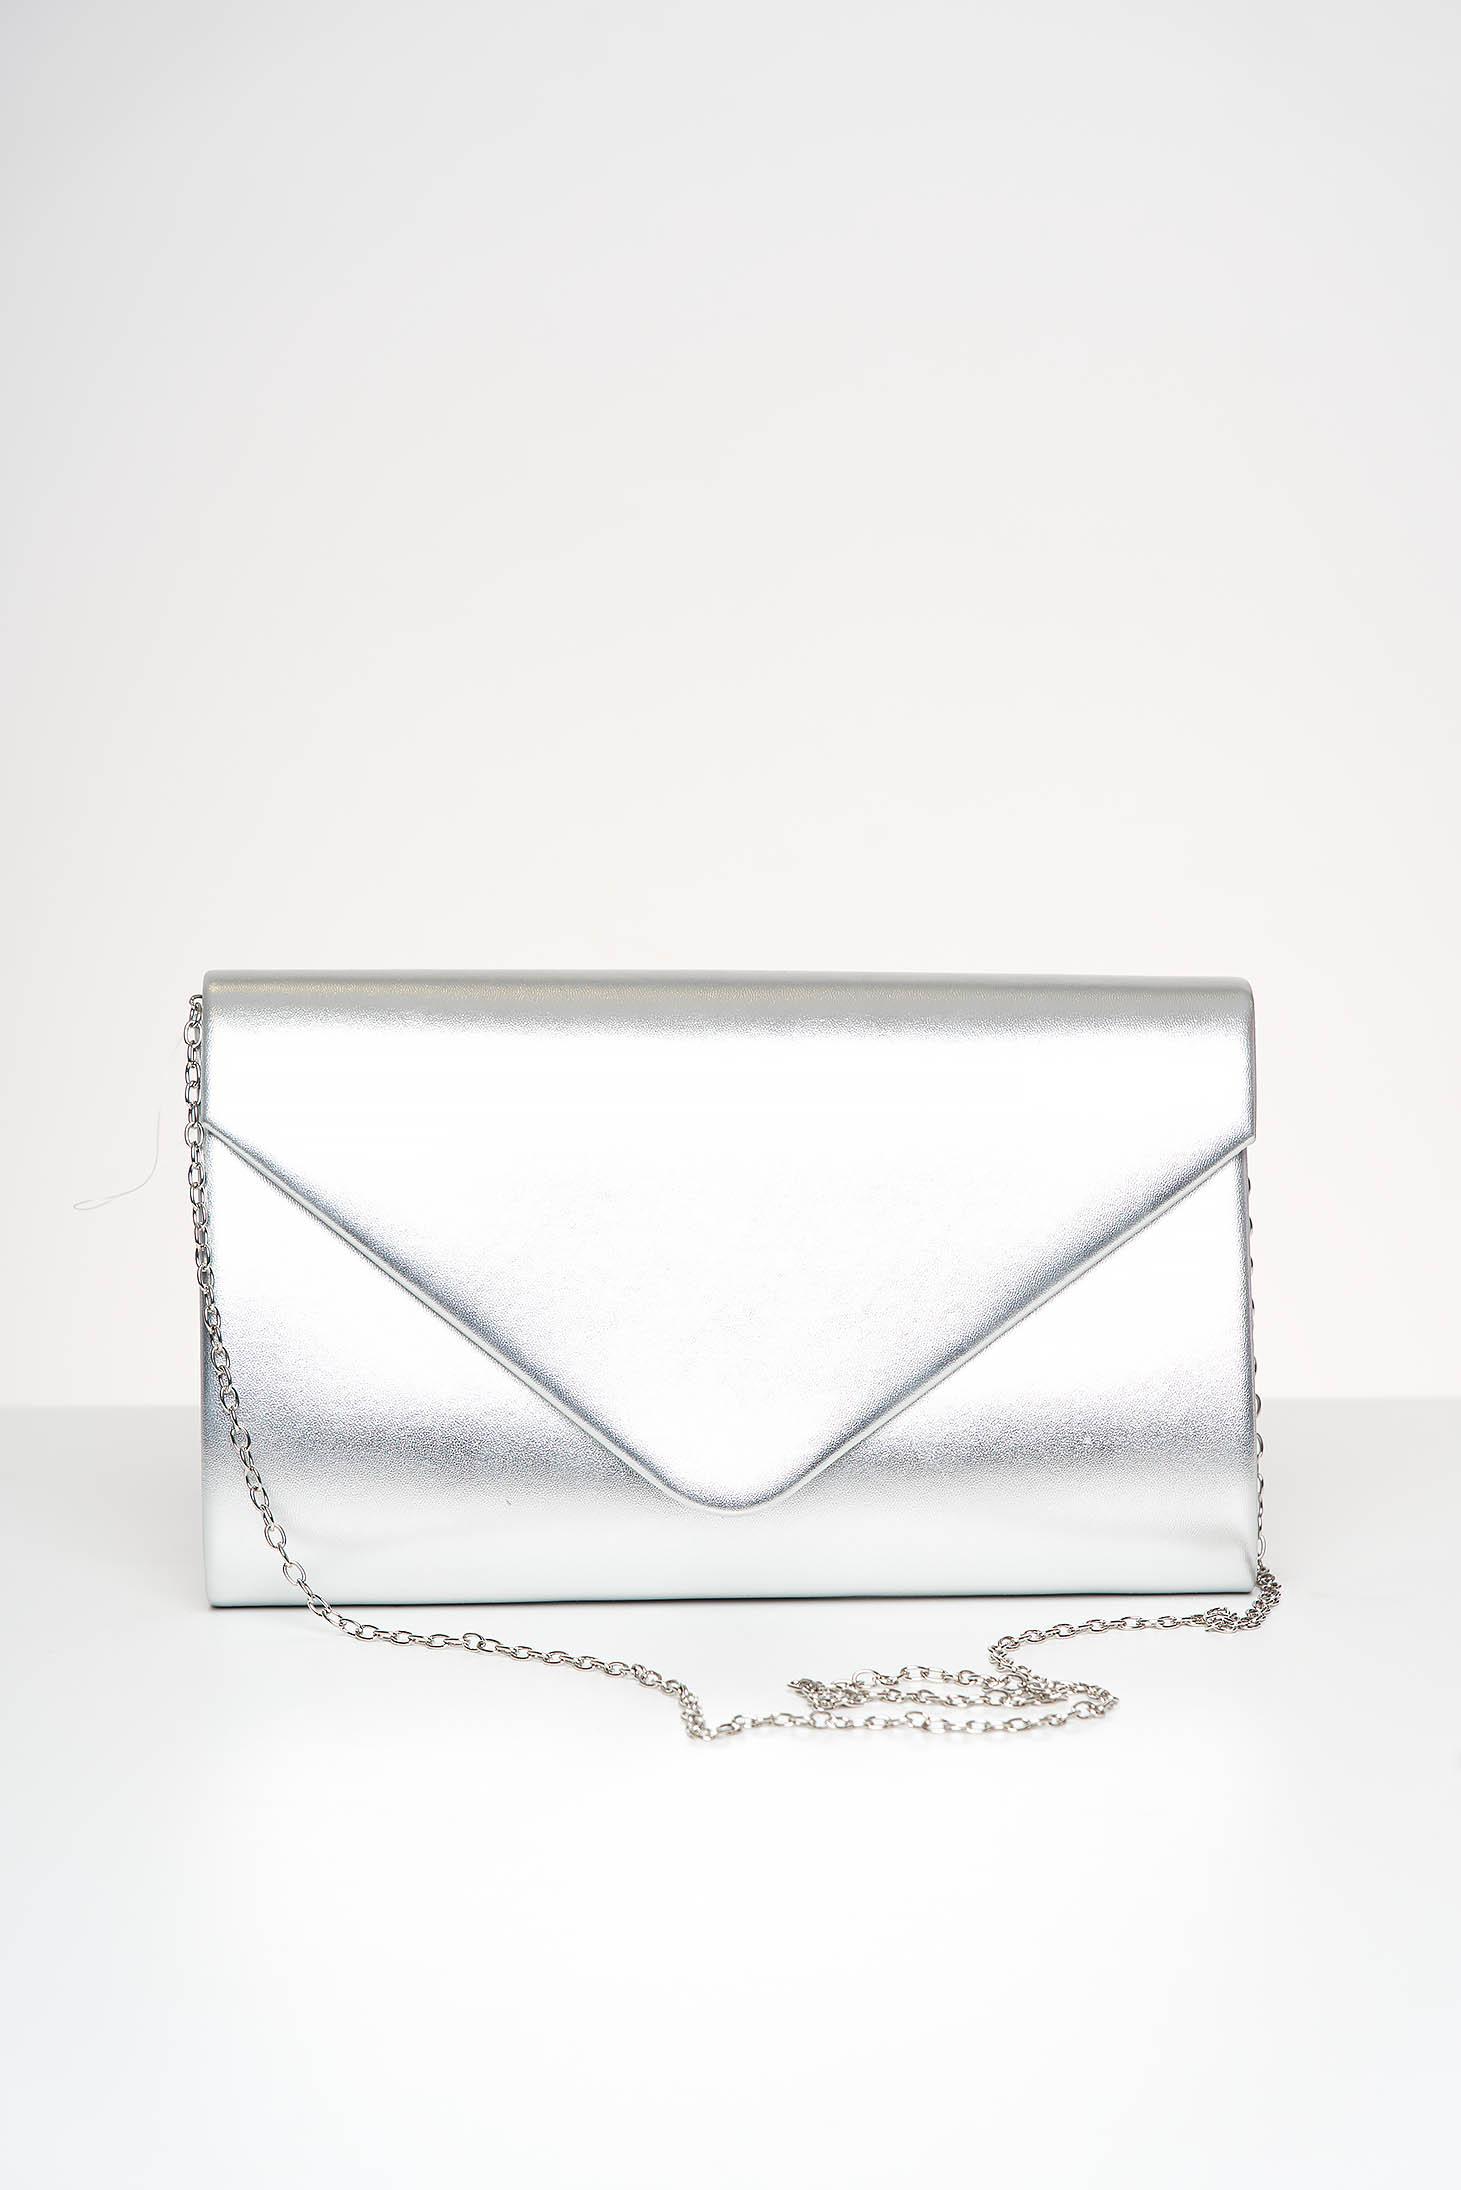 Geanta dama plic argintie de ocazie din piele ecologica